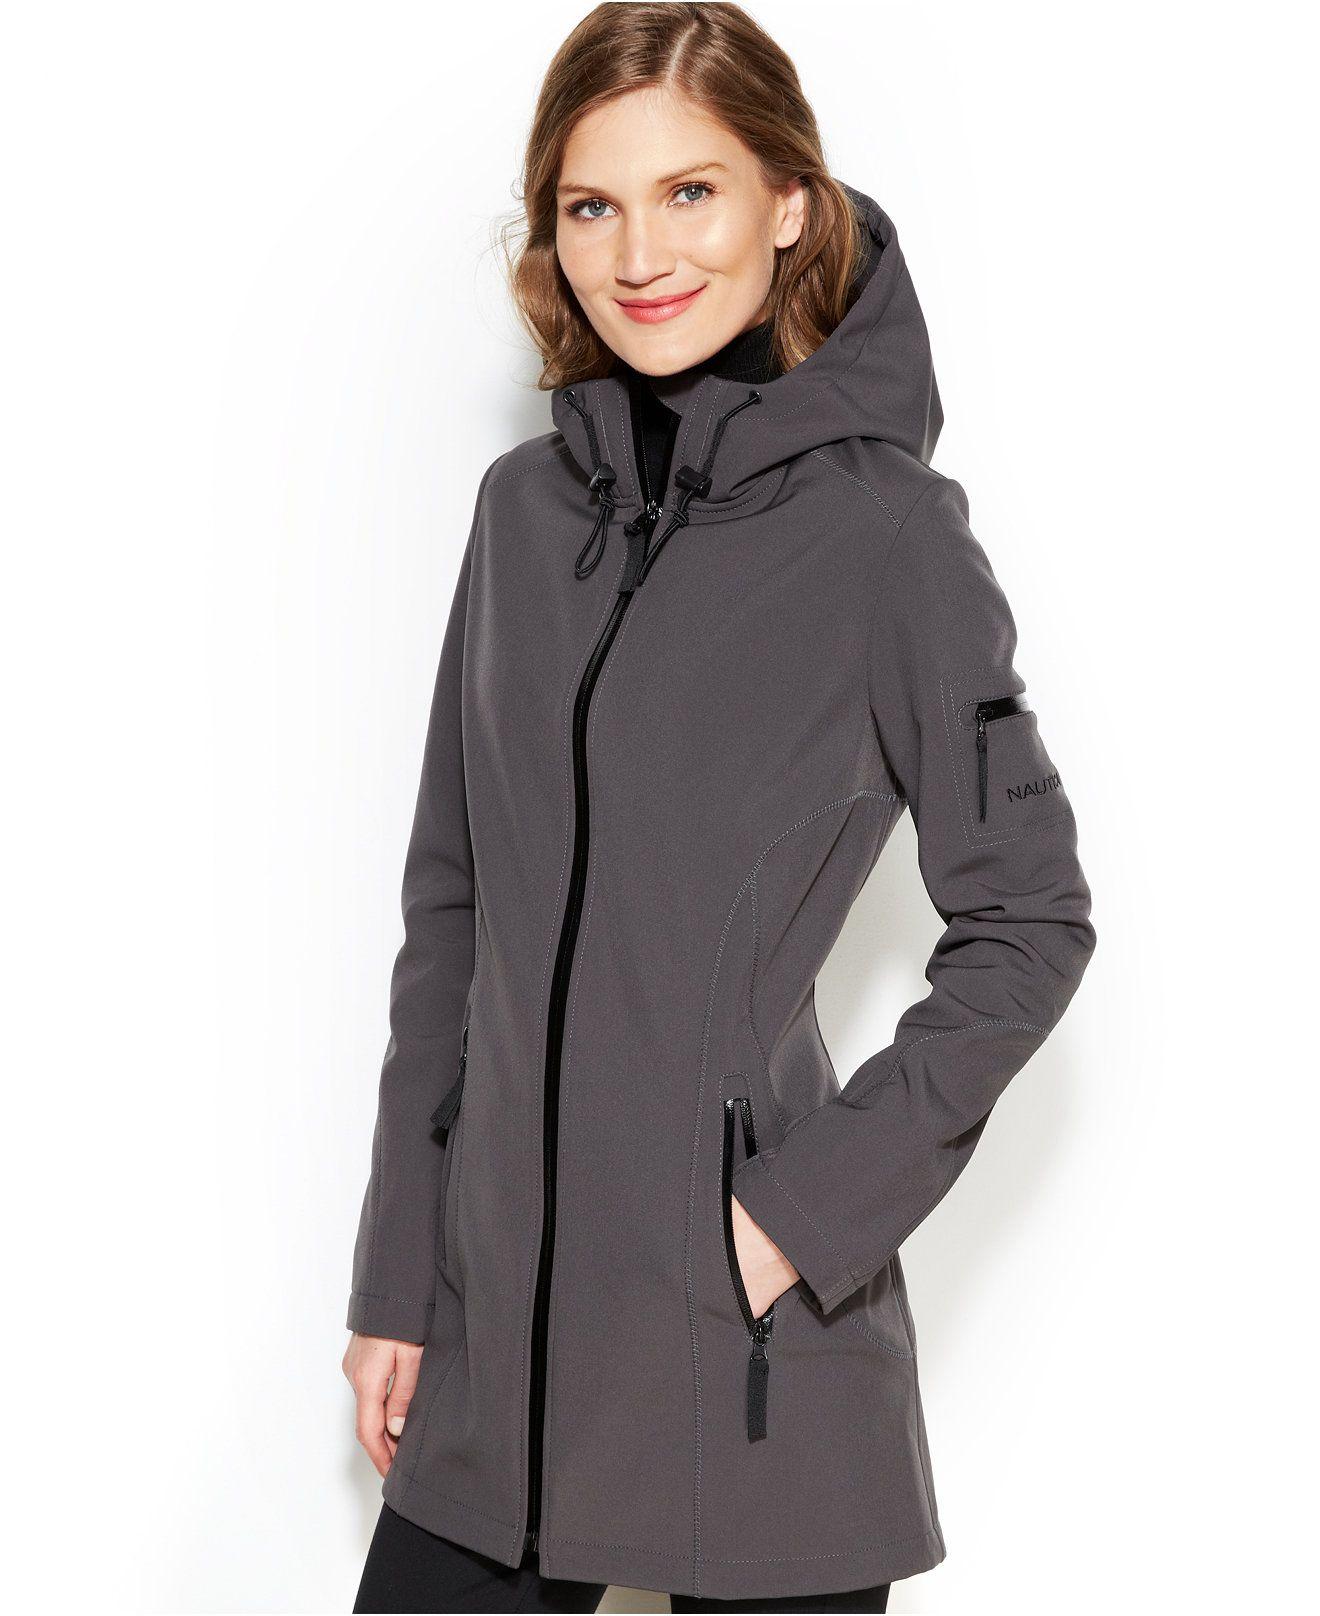 Nautica Hooded Soft Shell Coat Coats Women Macy S Coat Coats For Women Outerwear [ 1616 x 1320 Pixel ]